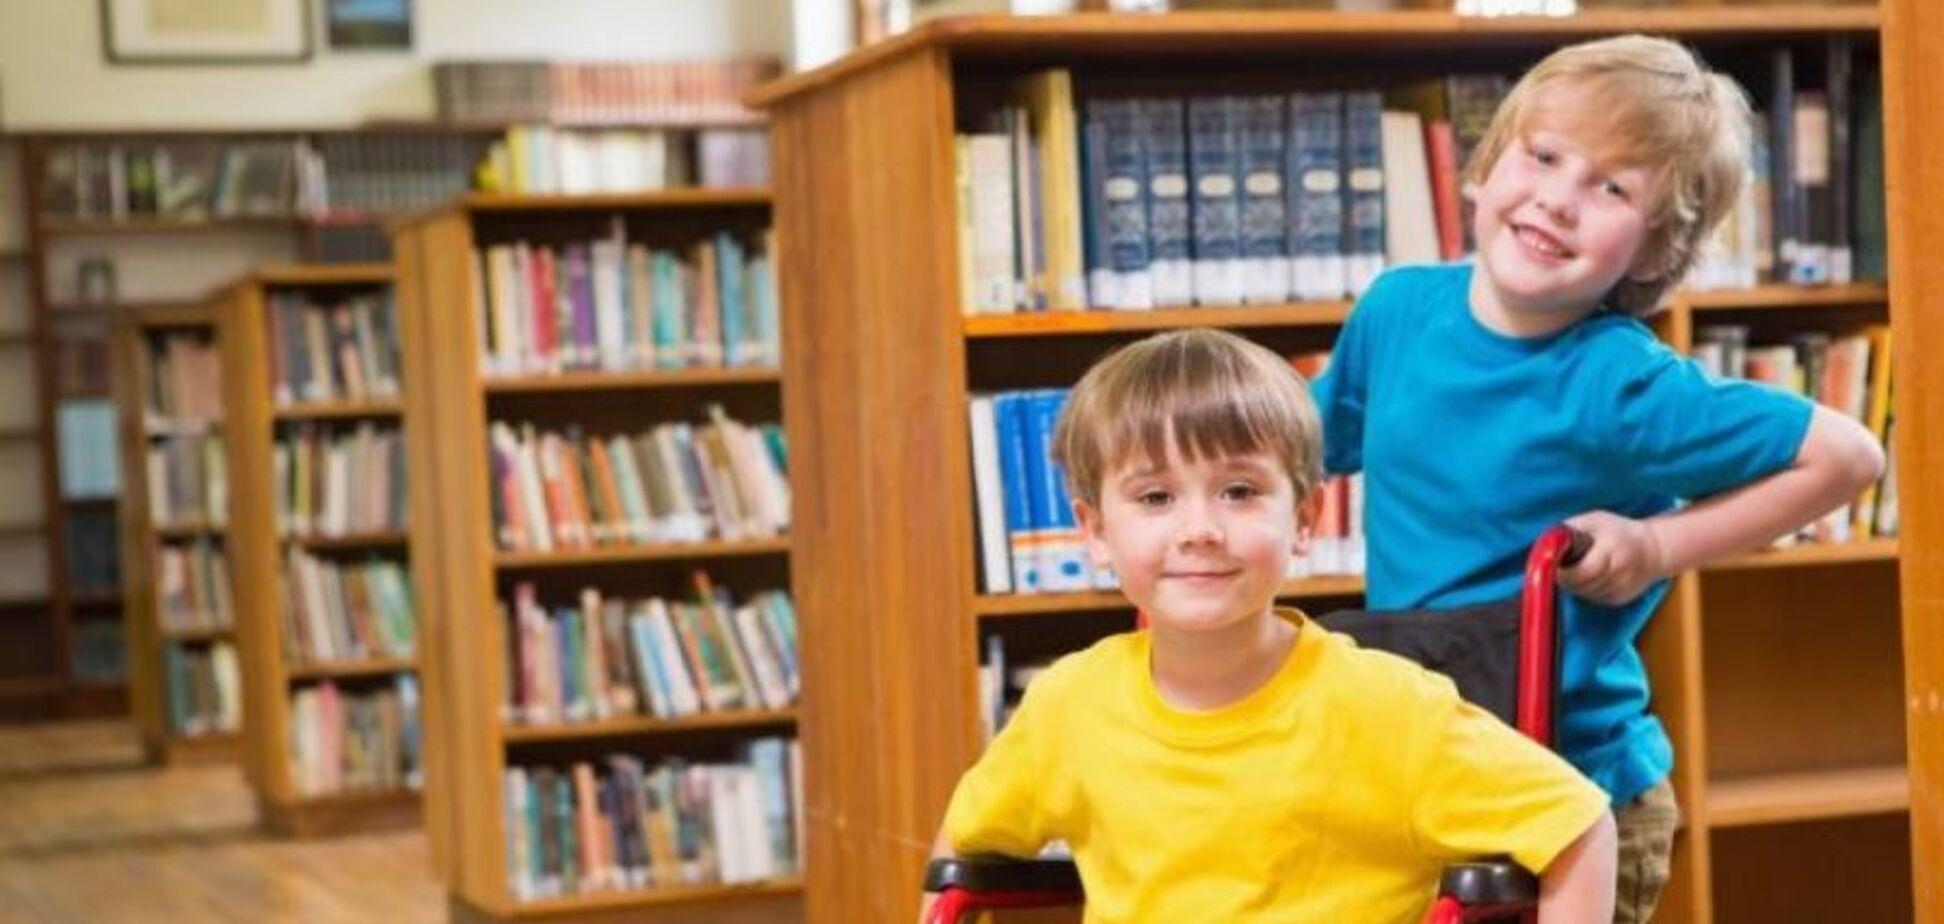 Гриневич поделилась невероятными успехами развития инклюзивного образования в Украине